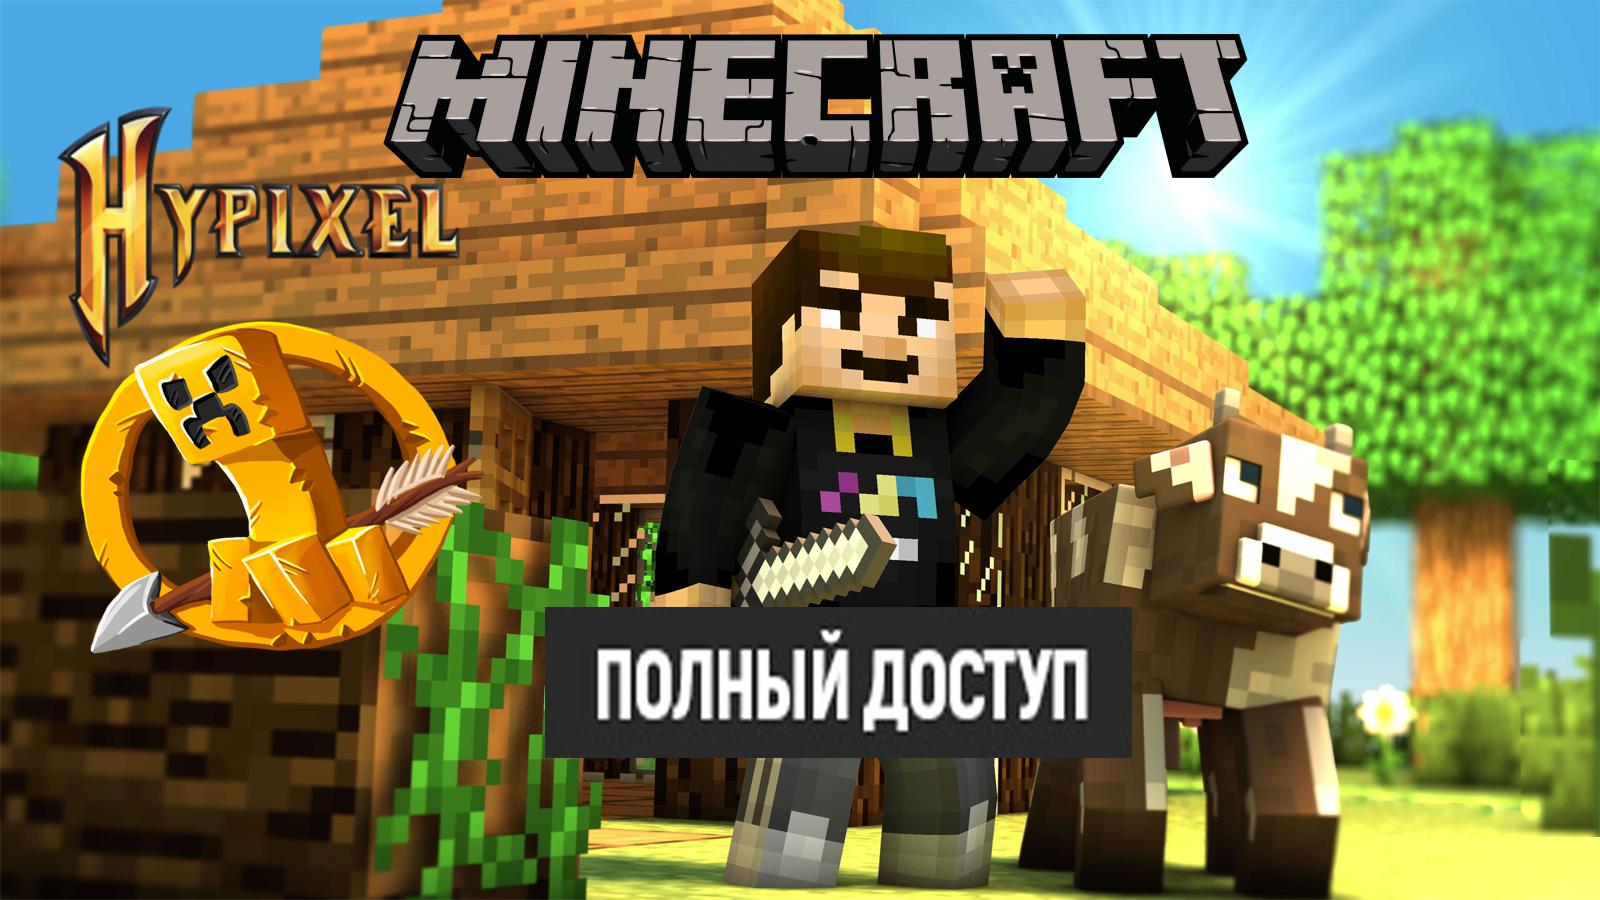 Майнкрафт полный доступ за 2 рубля